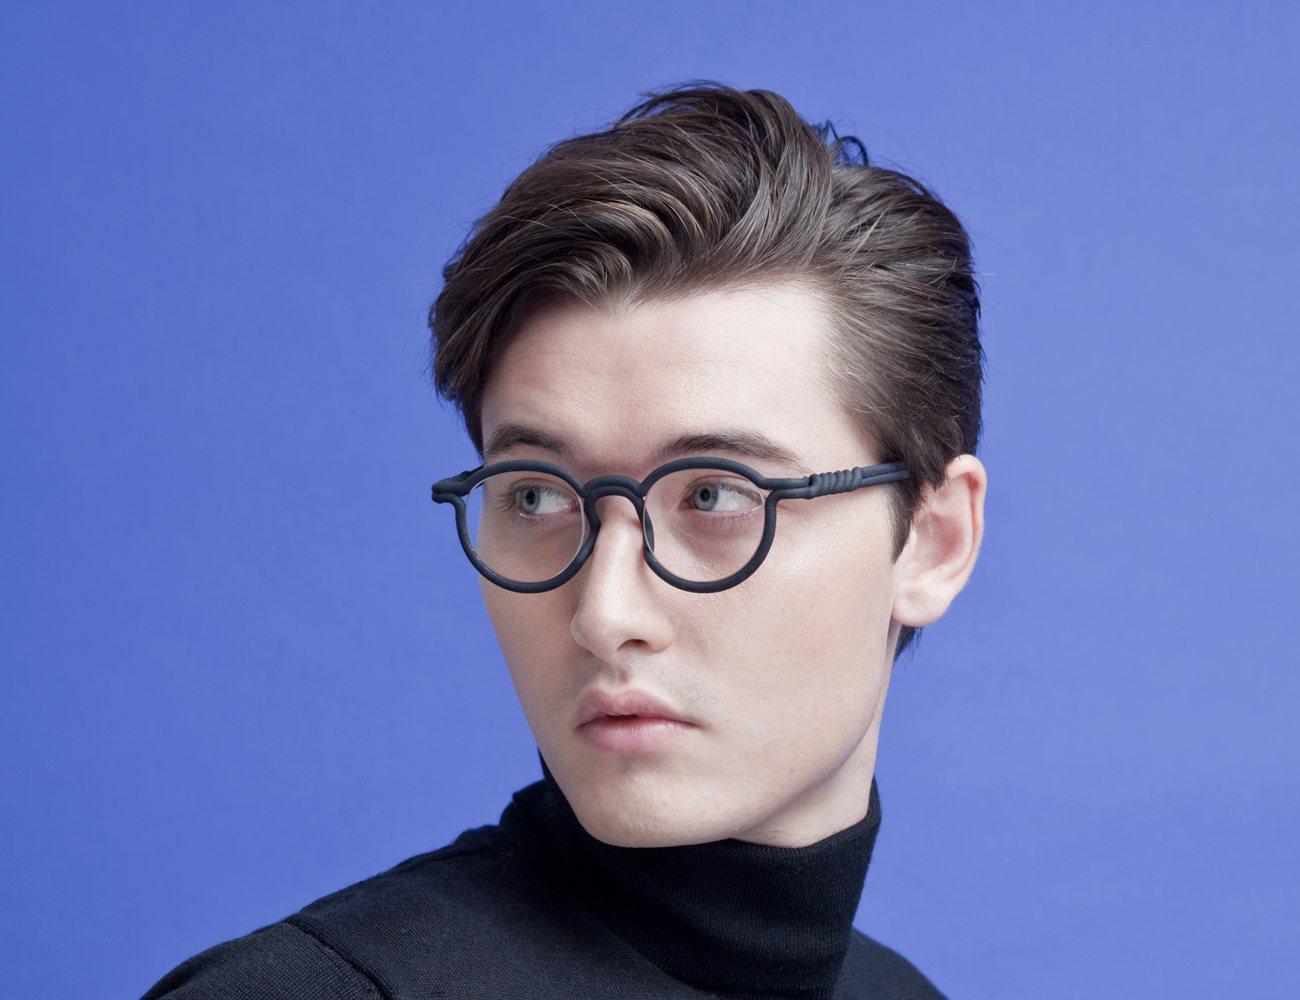 mono-eyewear-04